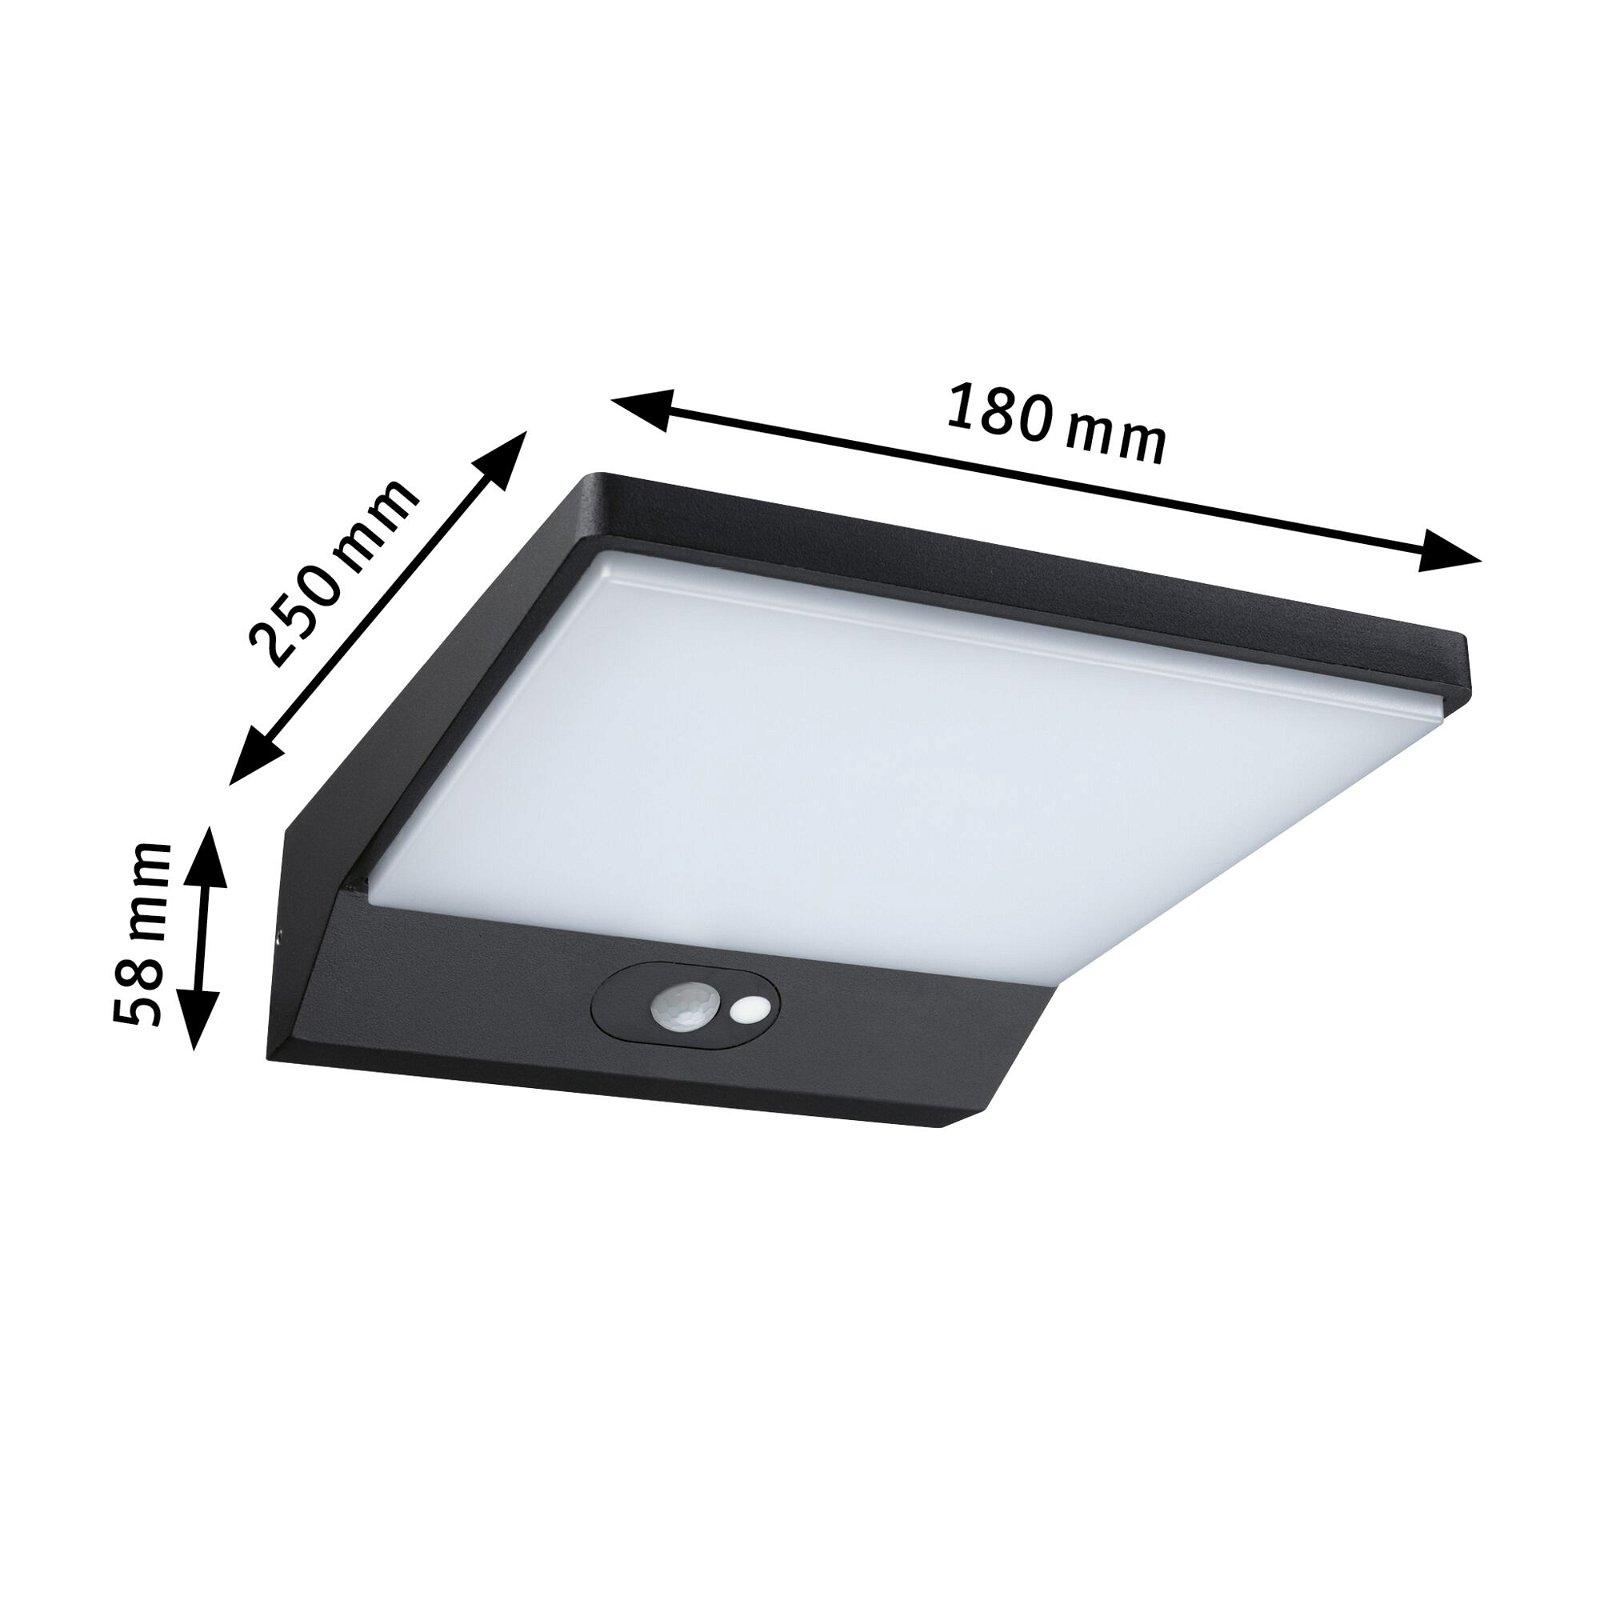 Solar LED Außenwandleuchte Ronas Bewegungsmelder IP44 3000K 550lm Dunkelgrau